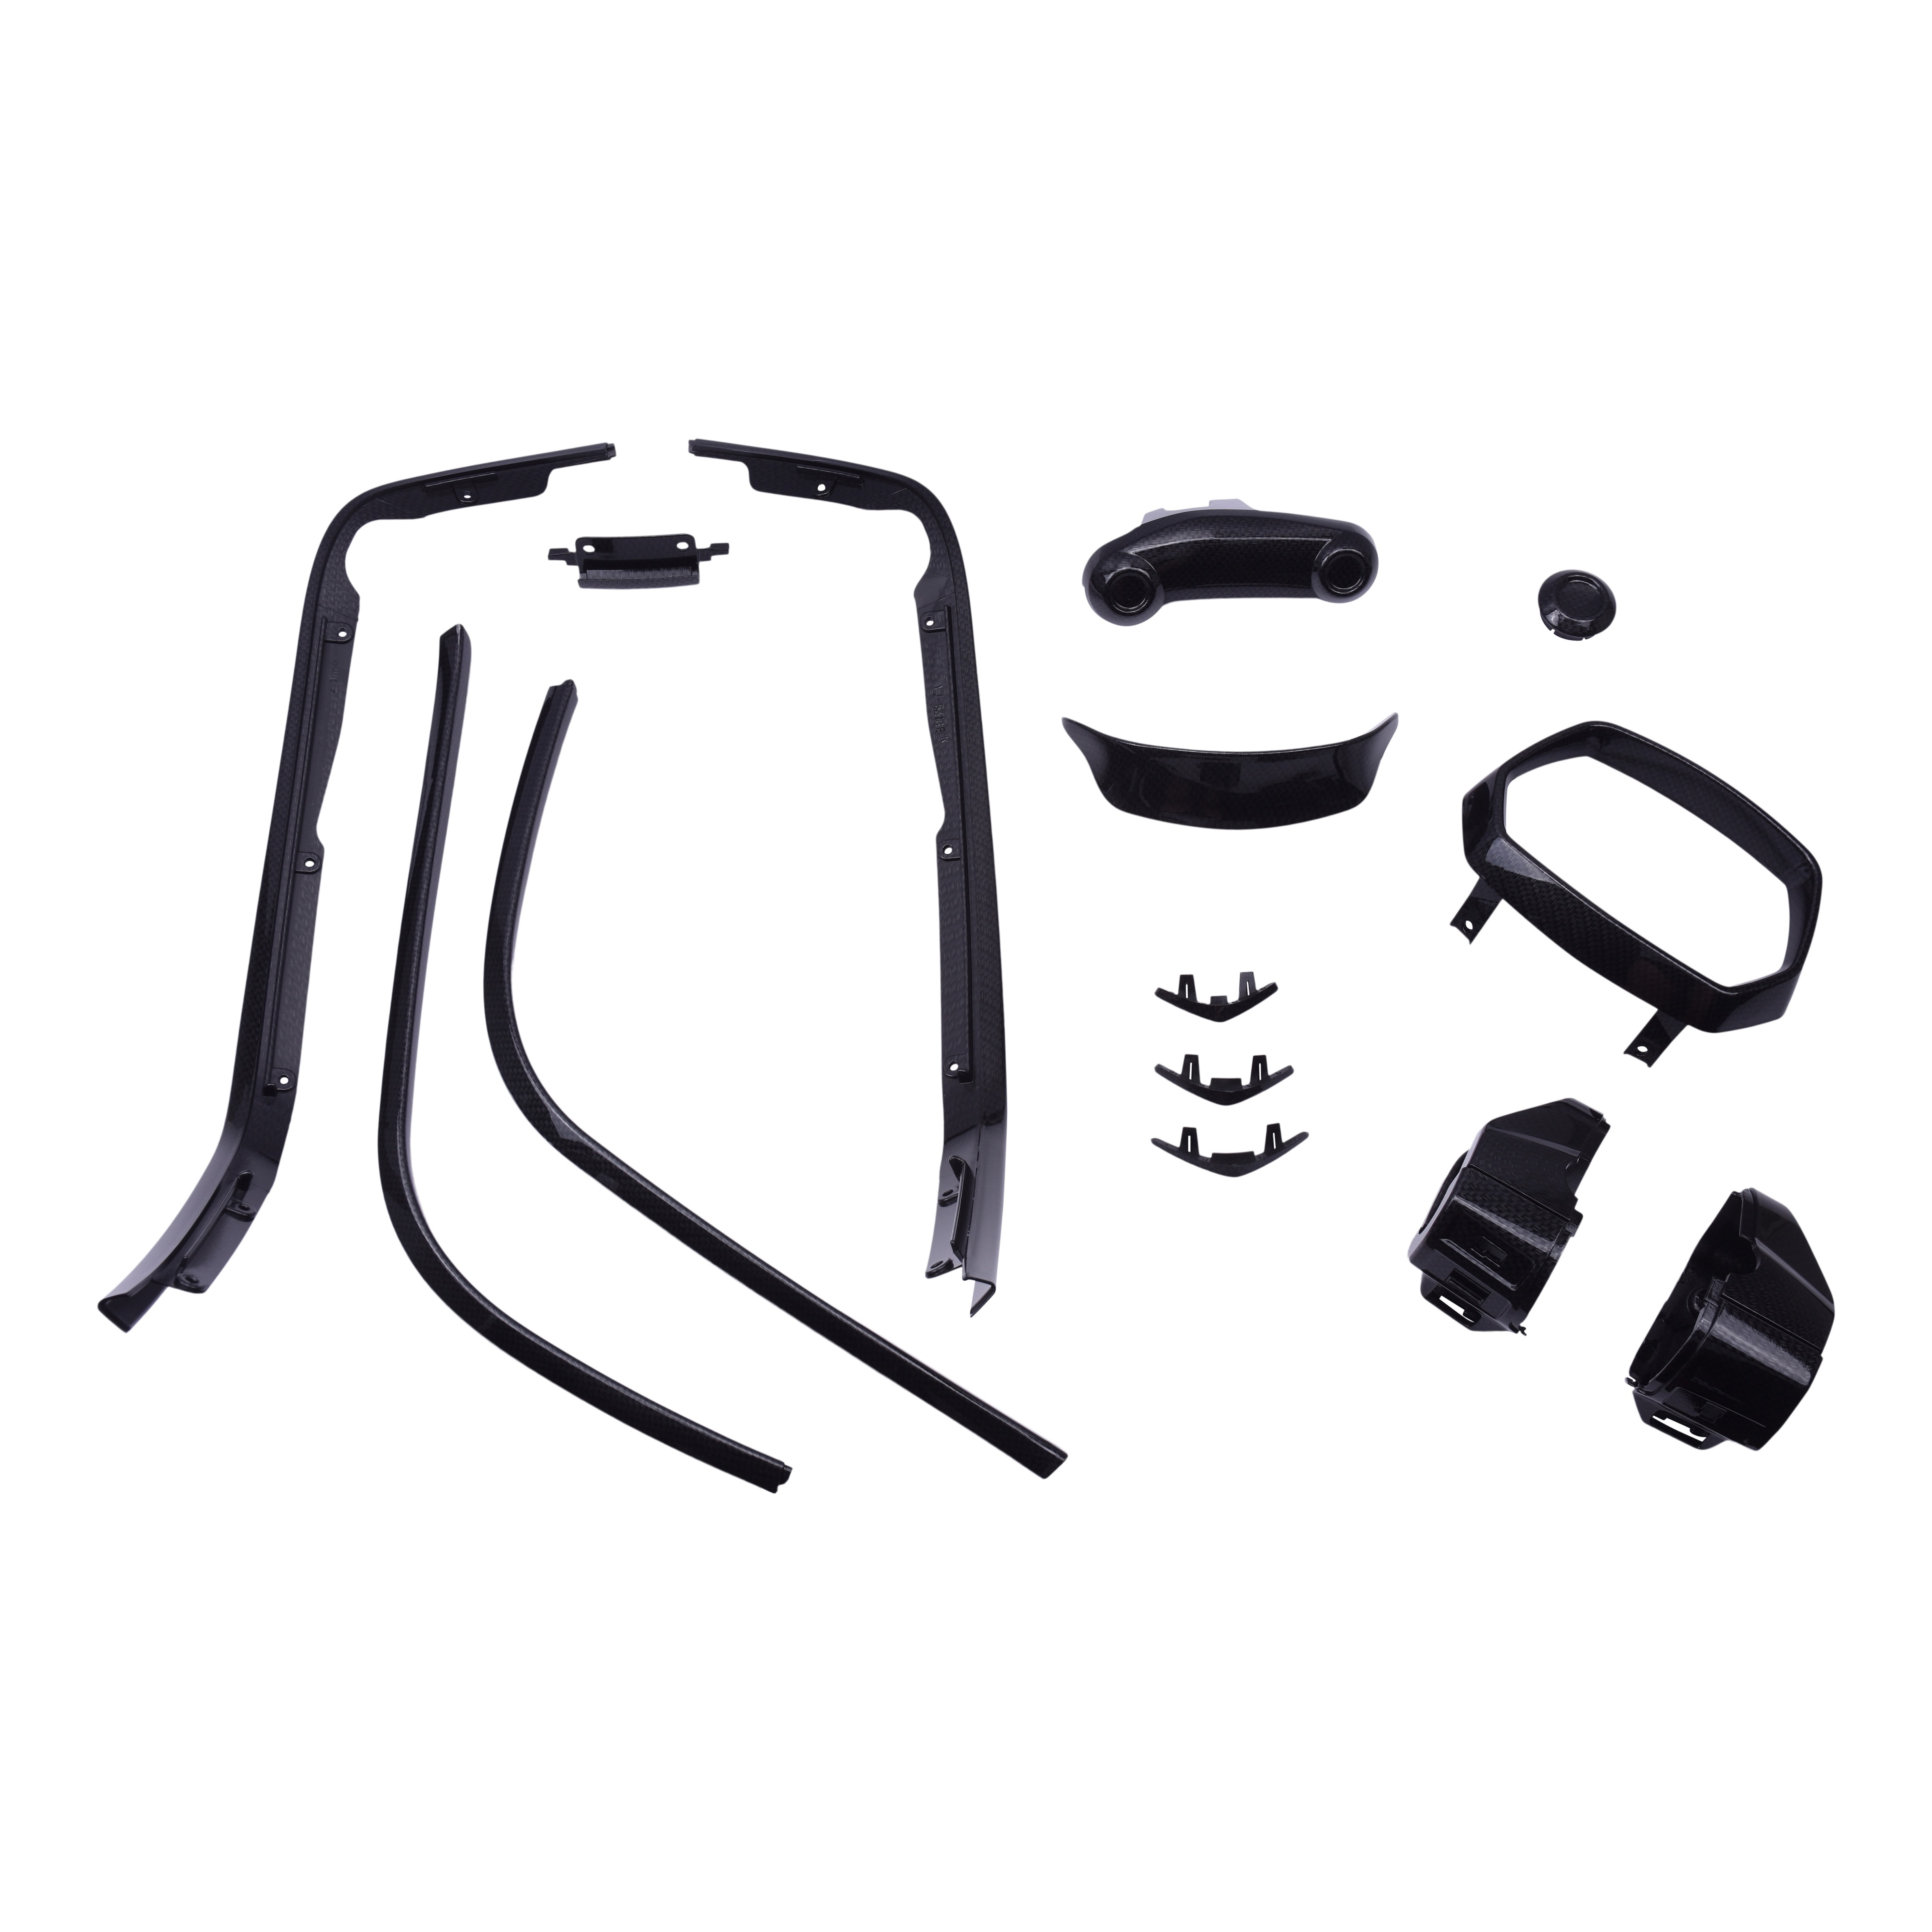 Complete stylingkit met alle kuststof onderdelen om te customizen van zwart / chroom naar glans carbon watertransfer | Vespa Sprint (-'18)